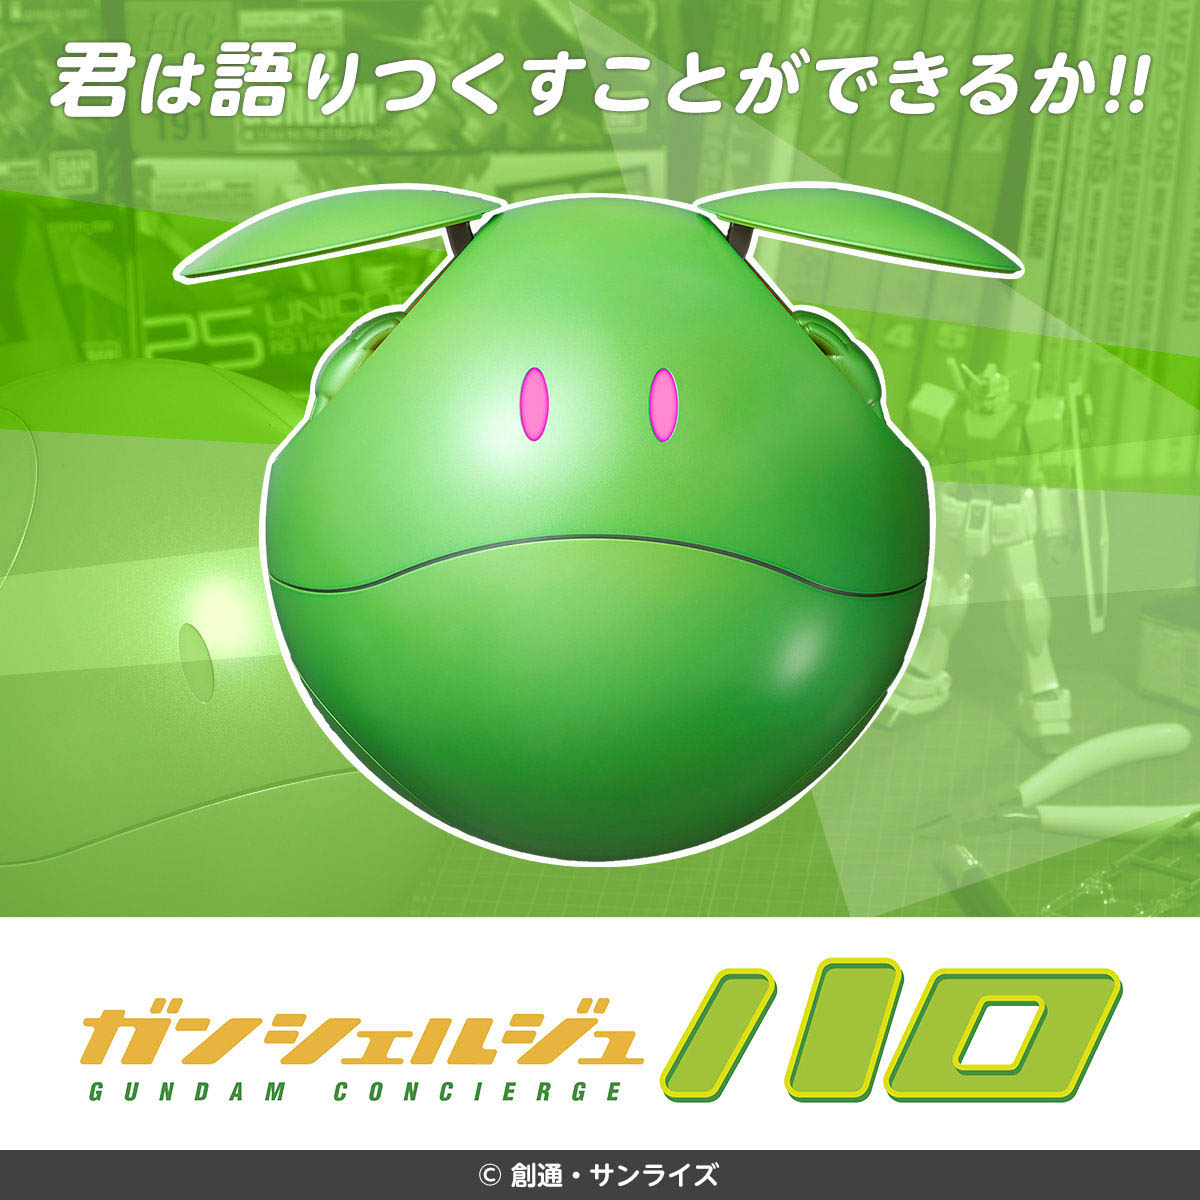 機動戦士ガンダム『ガンシェルジュ ハロ』コミュニケーションロボット-007